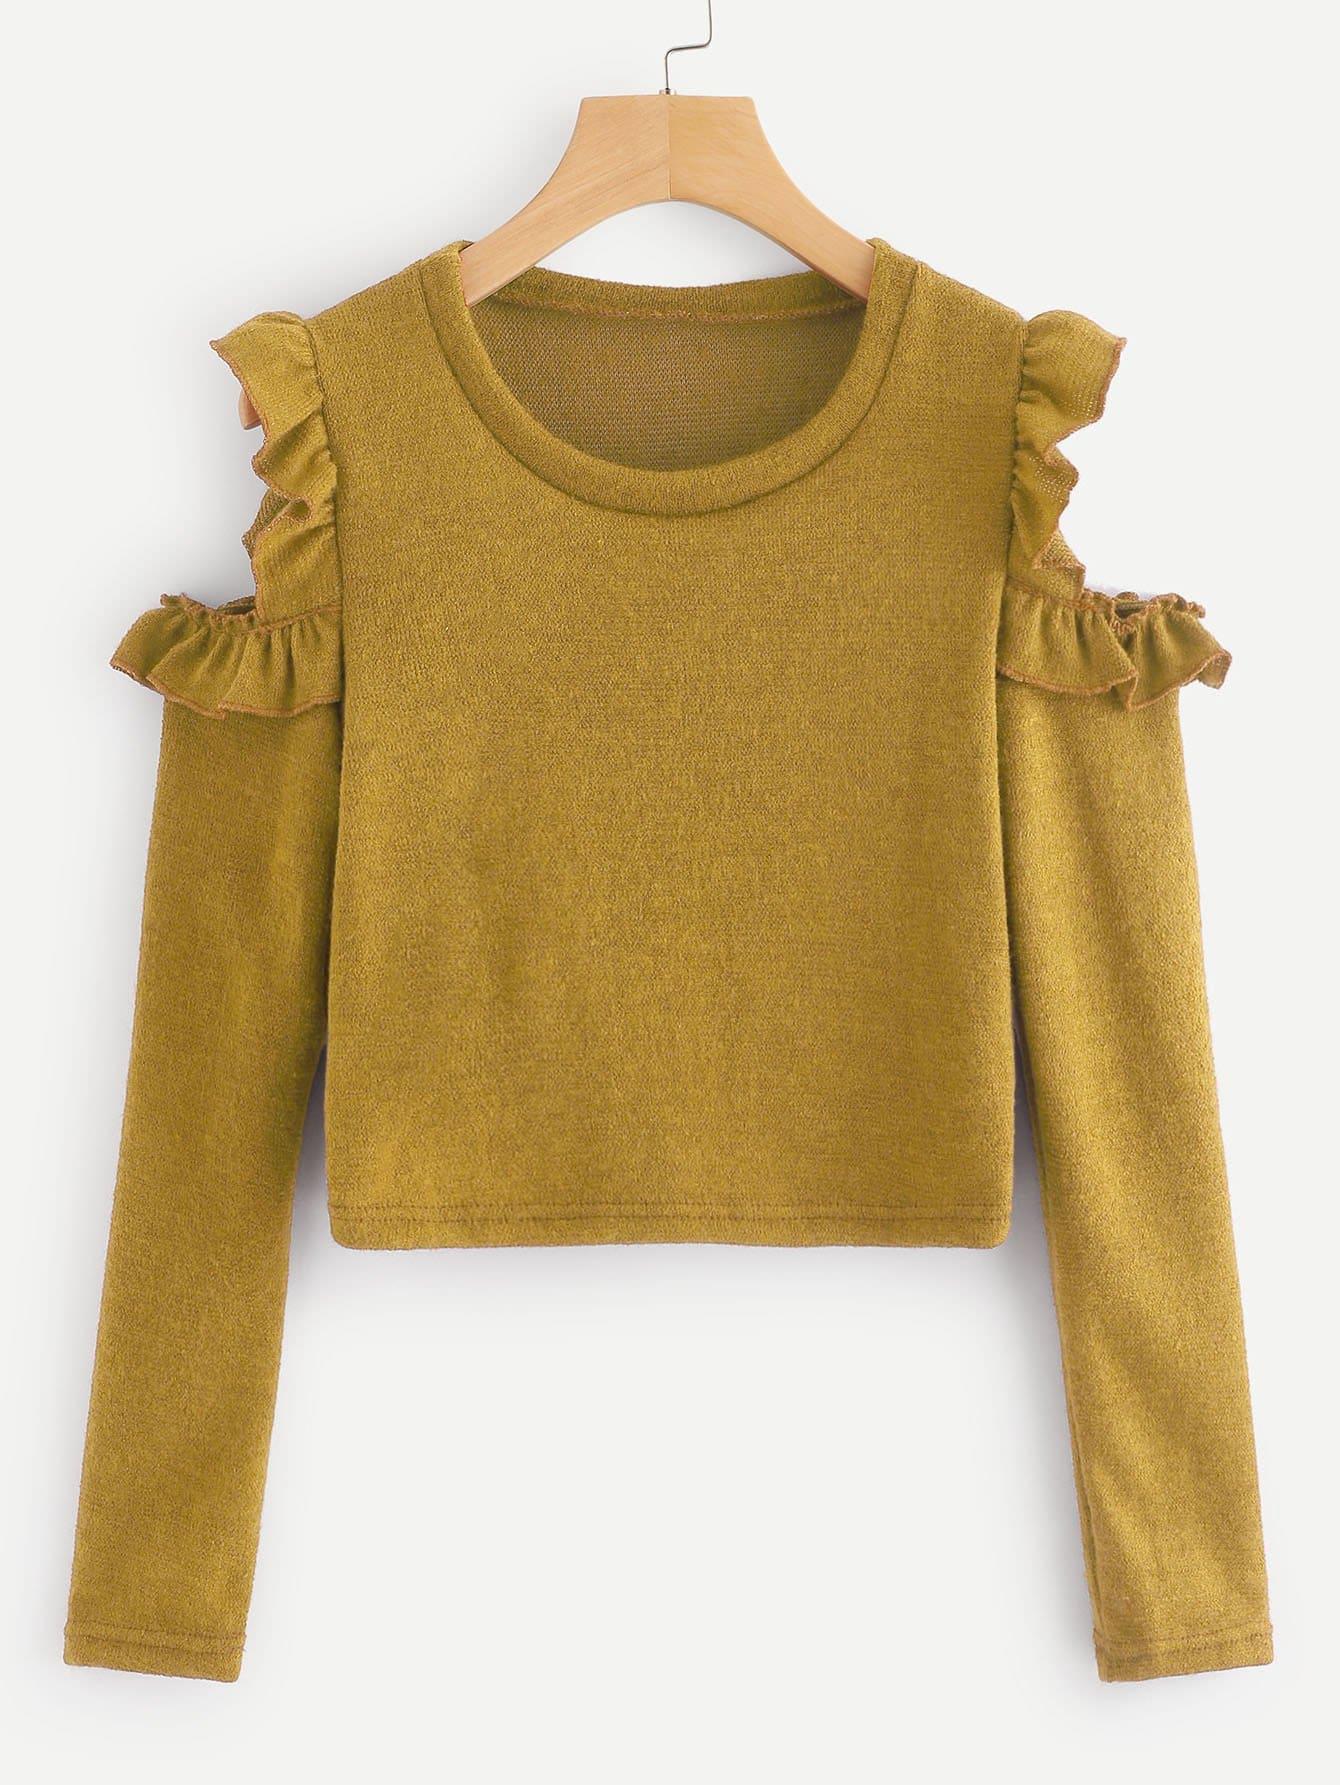 Фото - Одноцветный свитер с открытыми плечами с оборками от SheIn цвет жёлтый